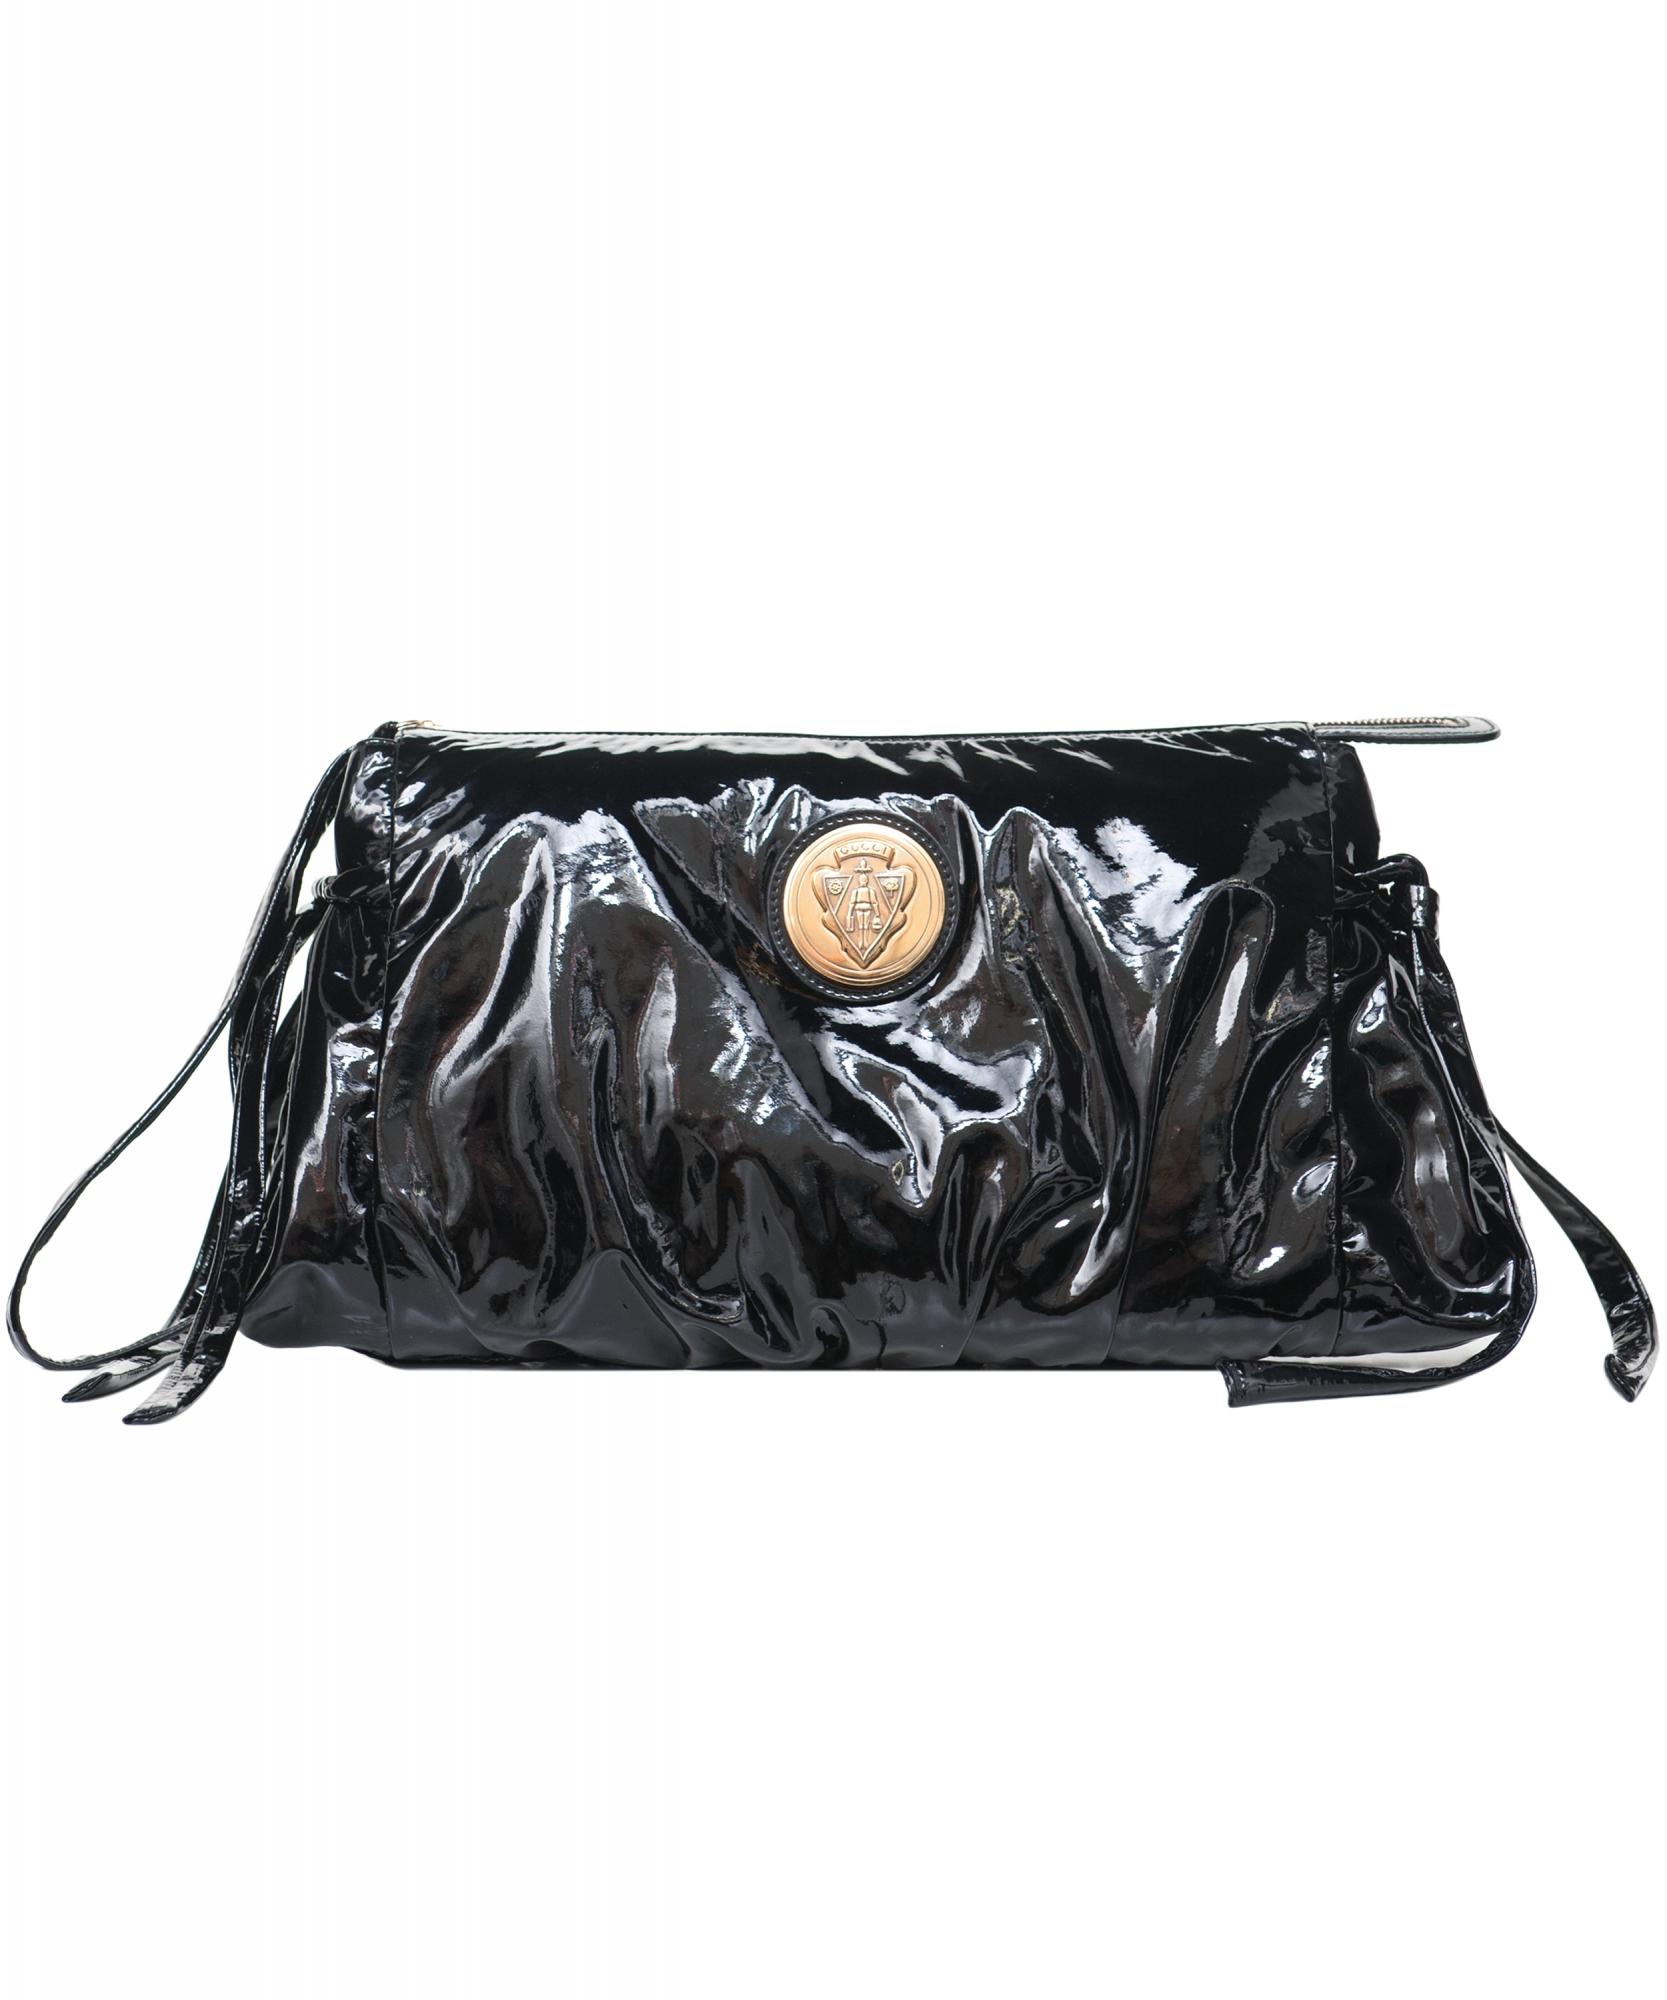 889d4046767 Gucci Black Patent Leather  Hysteria  Clutch